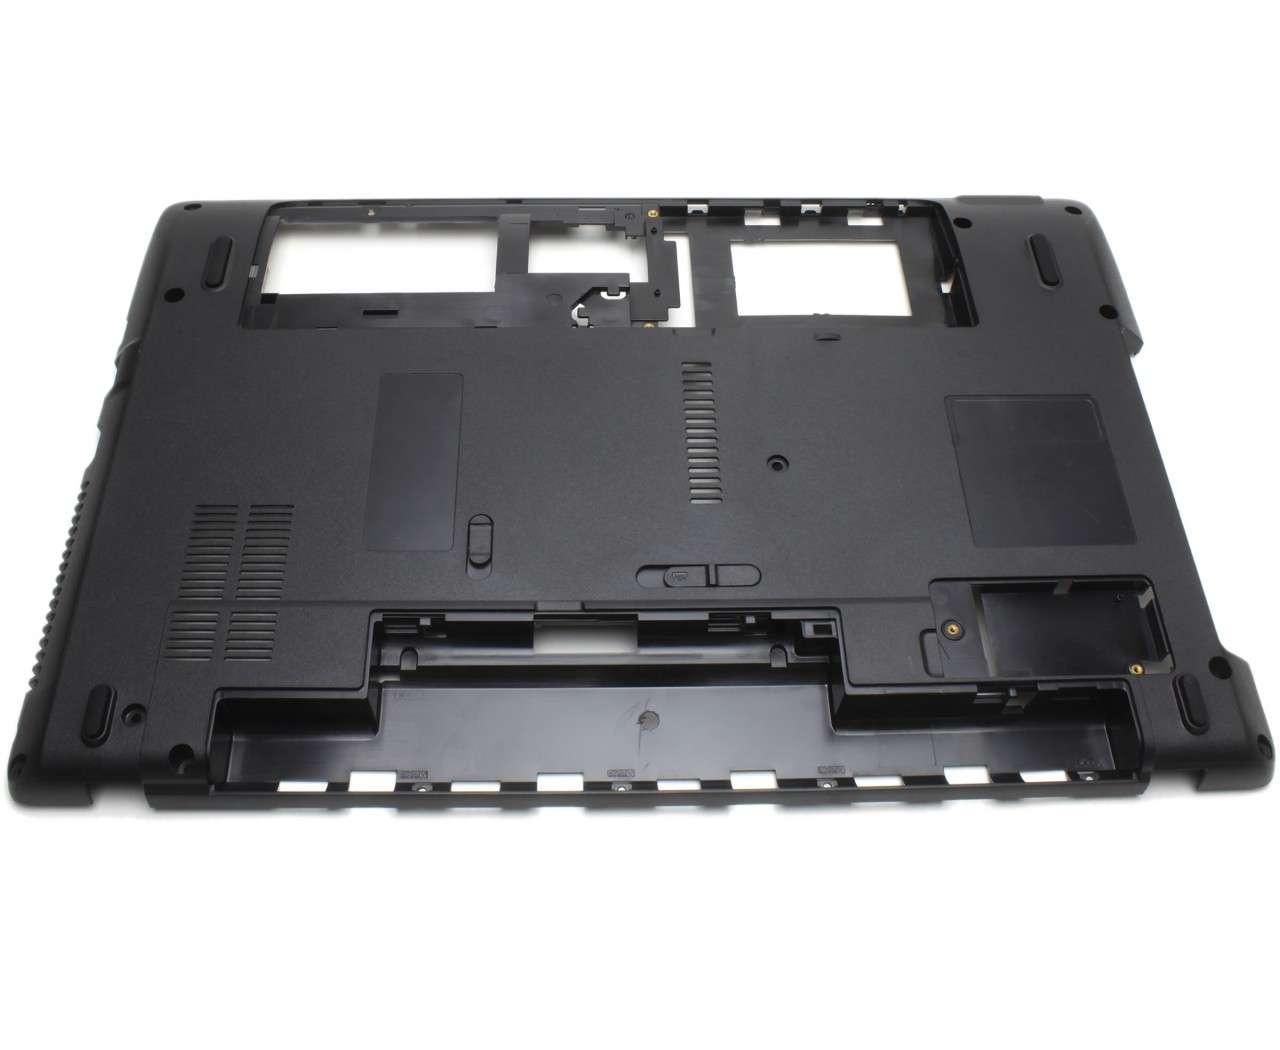 Bottom Case Emachines E529 Carcasa Inferioara cu codul AP0FO0007000 imagine powerlaptop.ro 2021